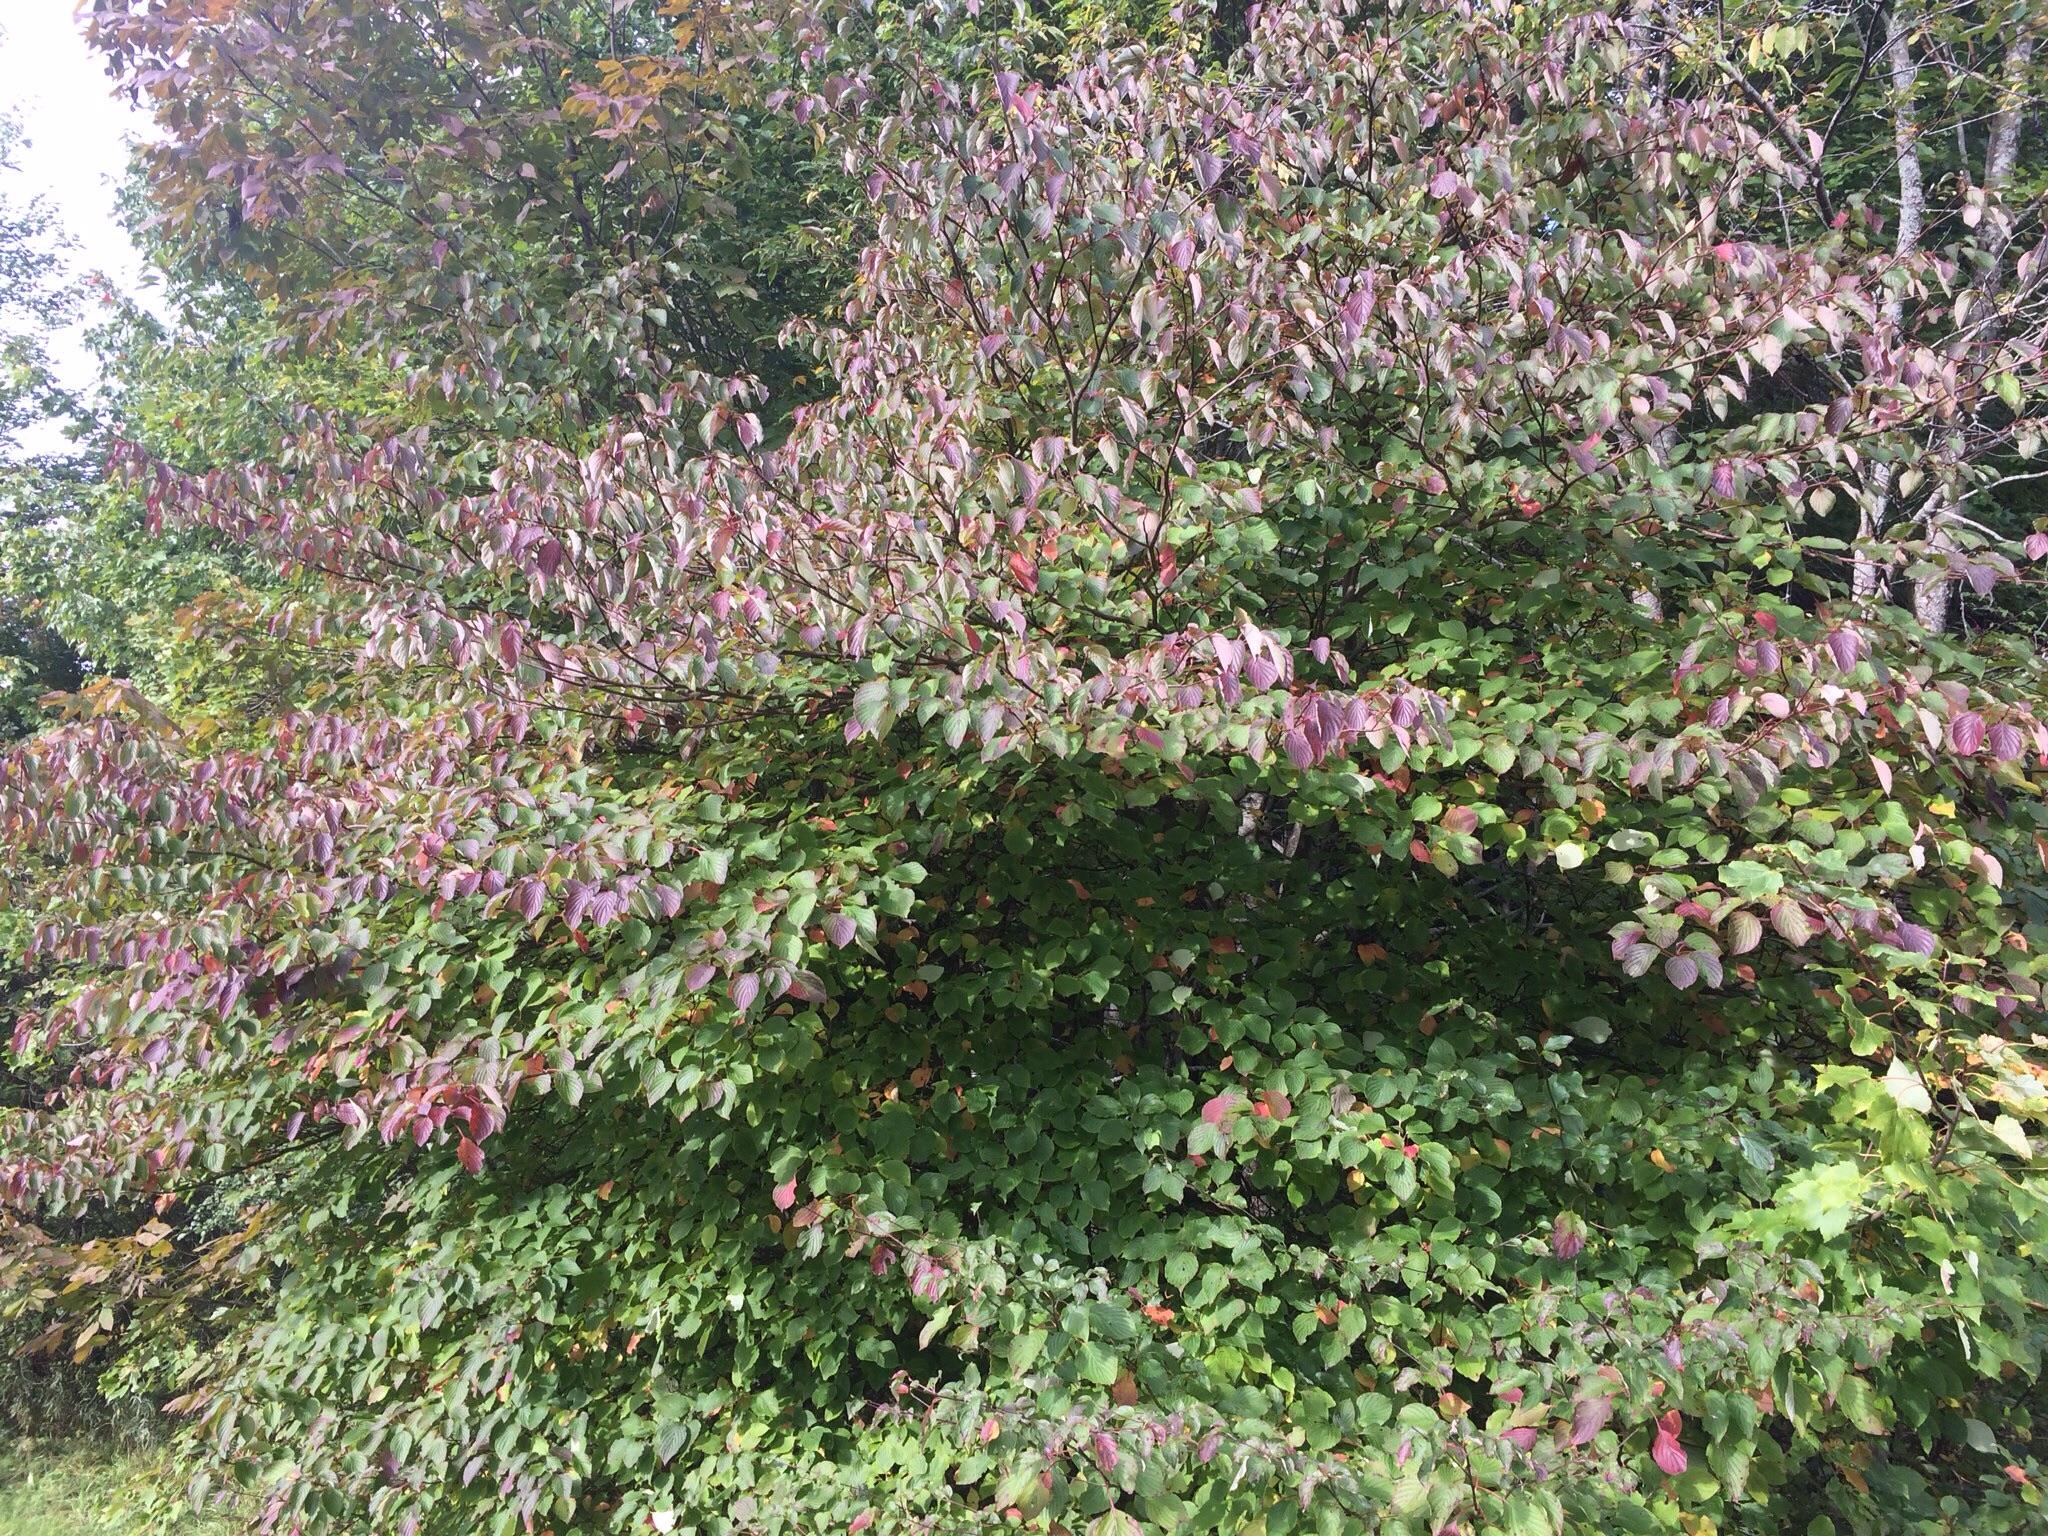 Dogwood leaves turning purple.